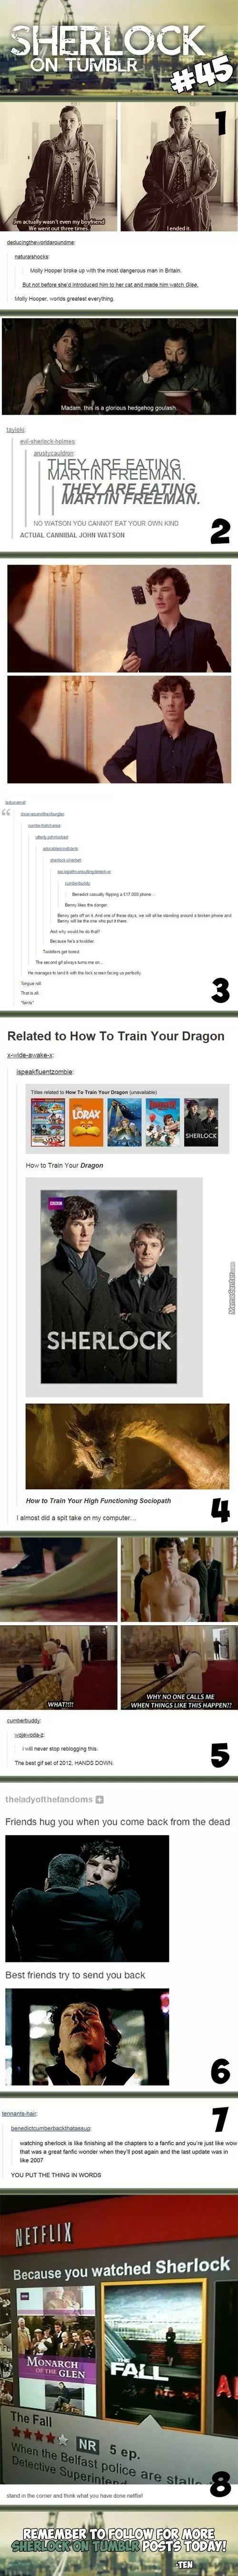 Sherlock On Tumblr #45